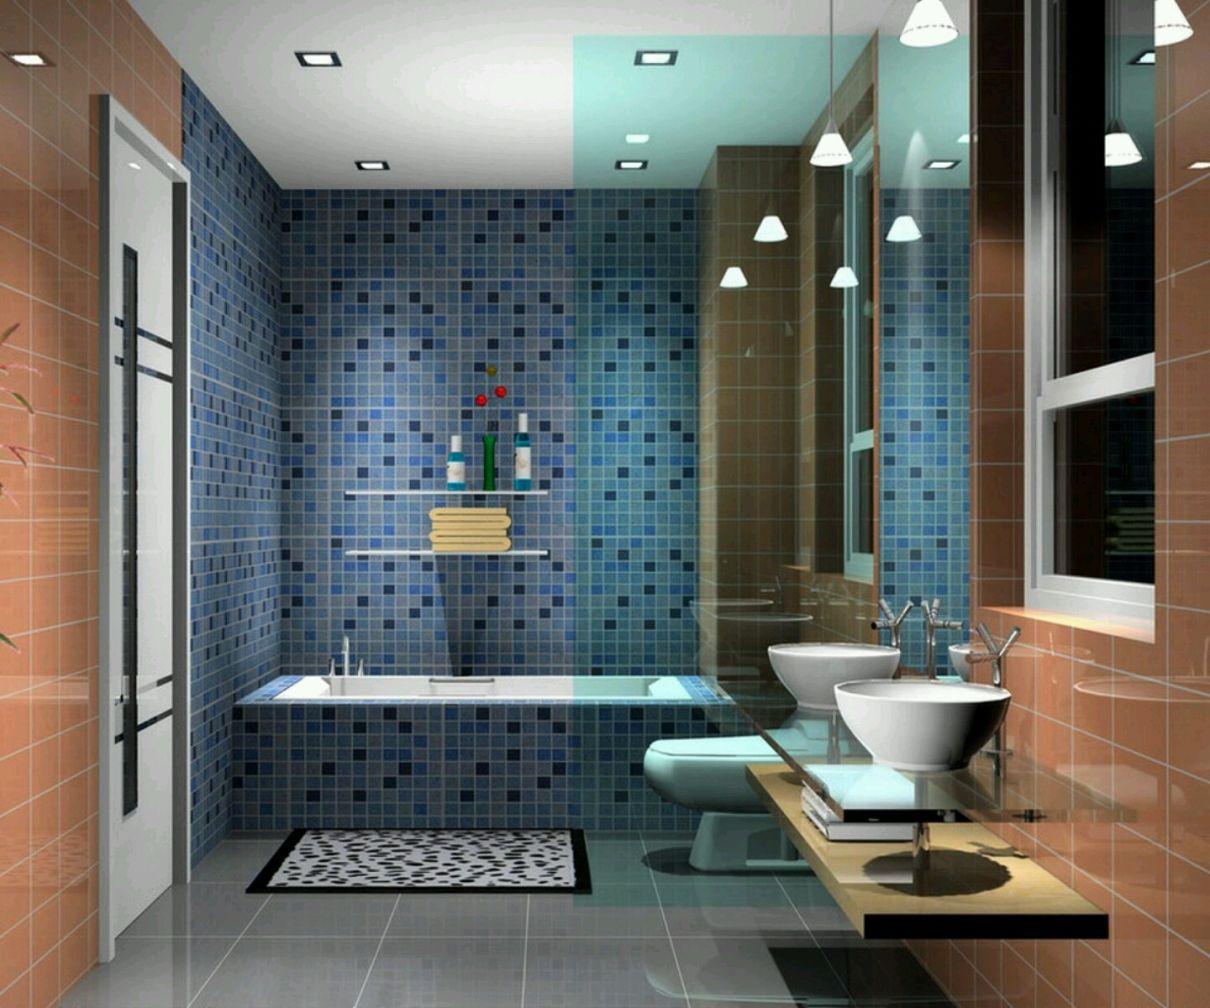 Medium Bathroom in Dark Color Design | Medium Size Bathrooms ...